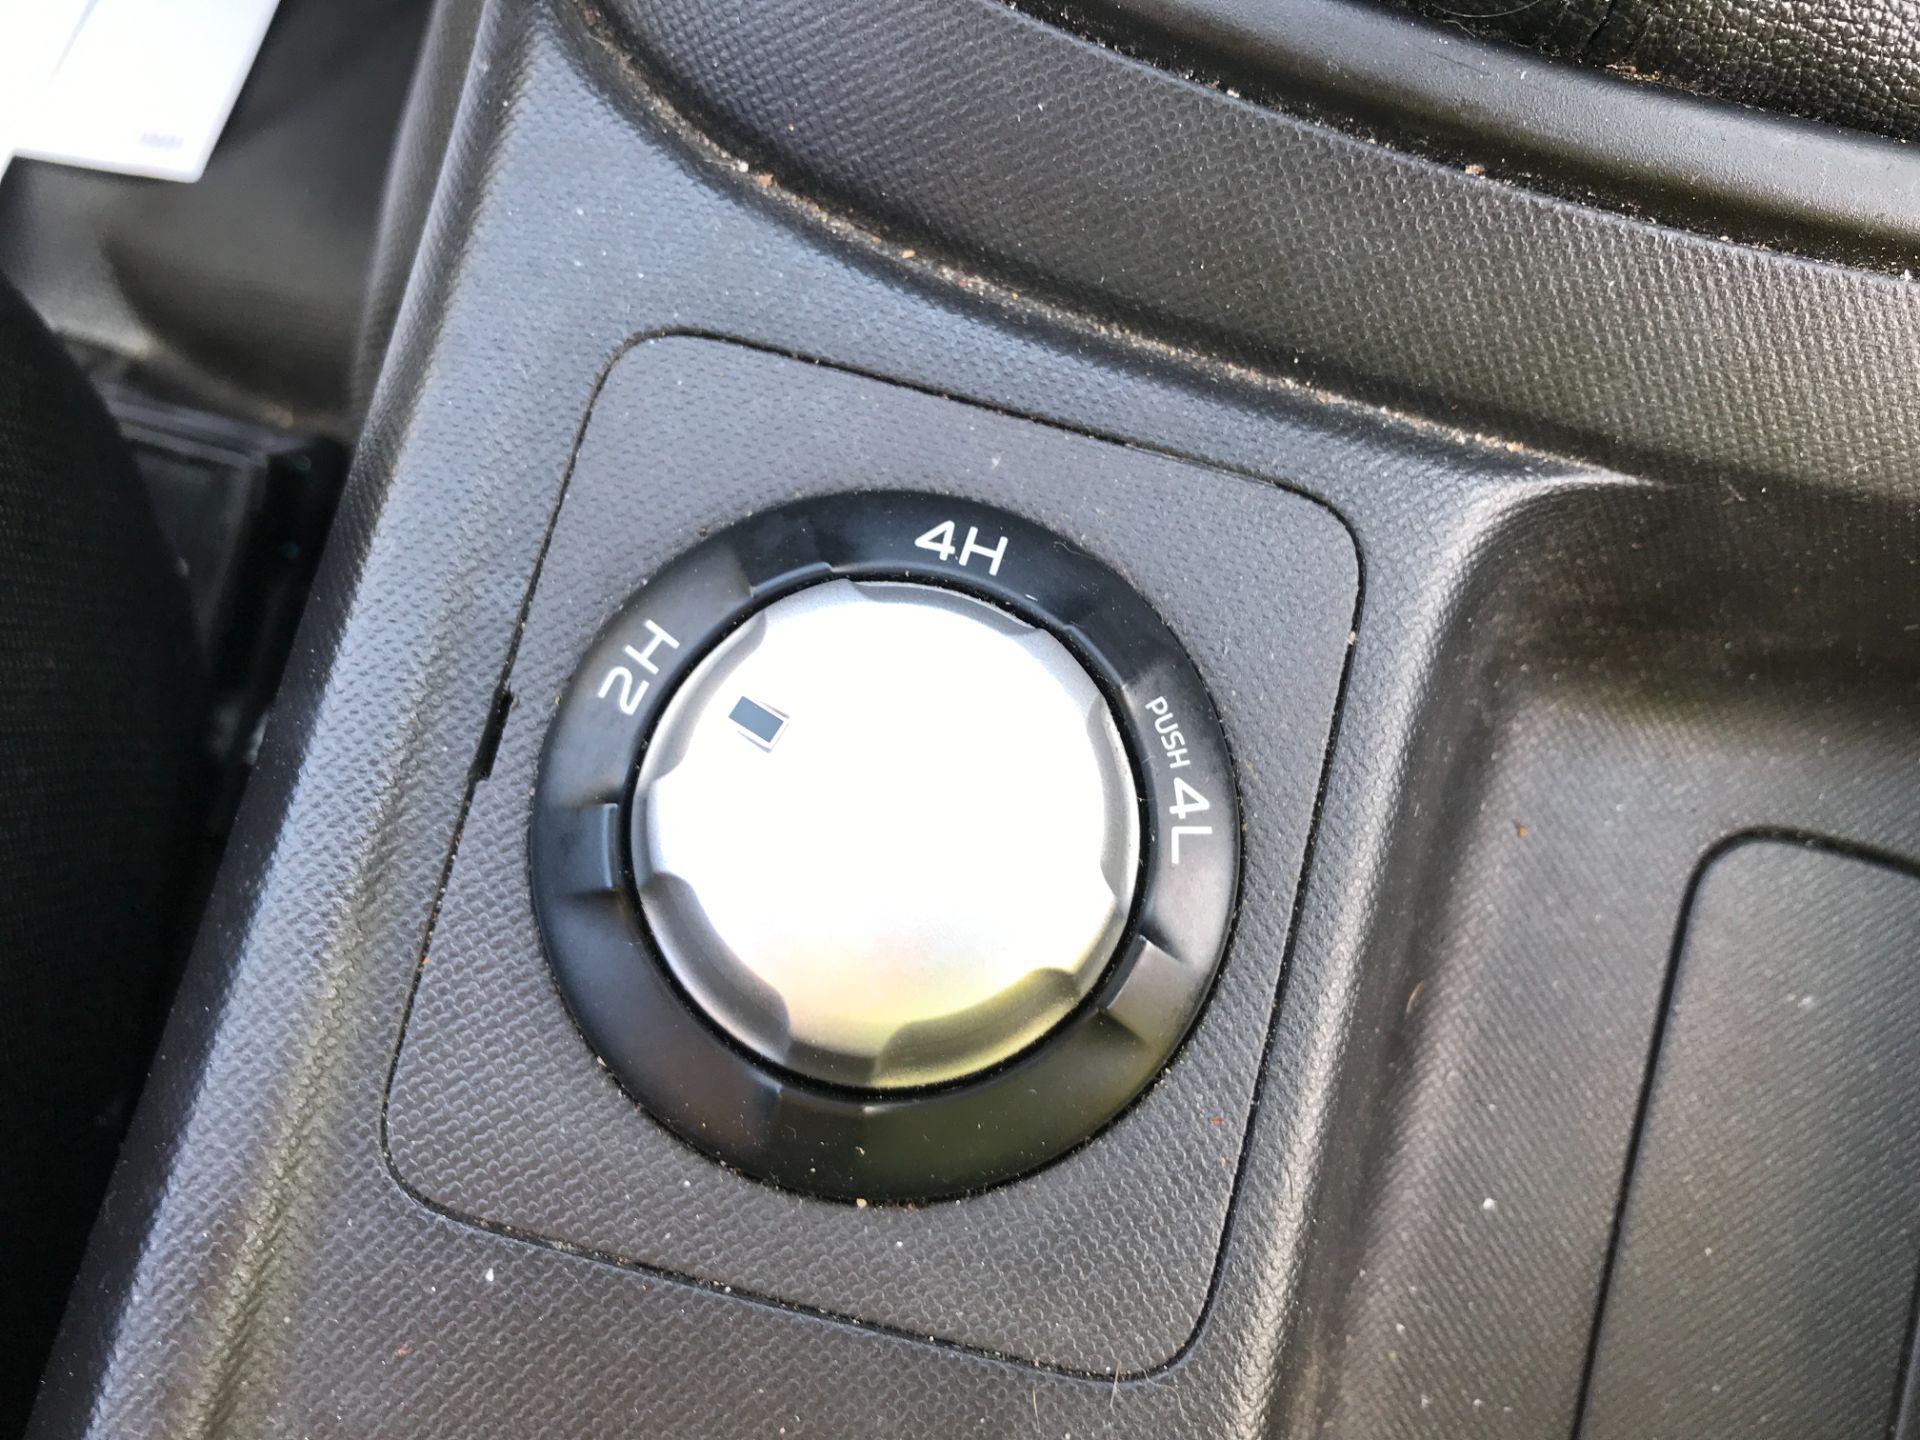 2017 Isuzu D-Max DOUBLE CAB 4X4 2.5TD EURO 5 AIR CON (YG17WSZ) Image 19